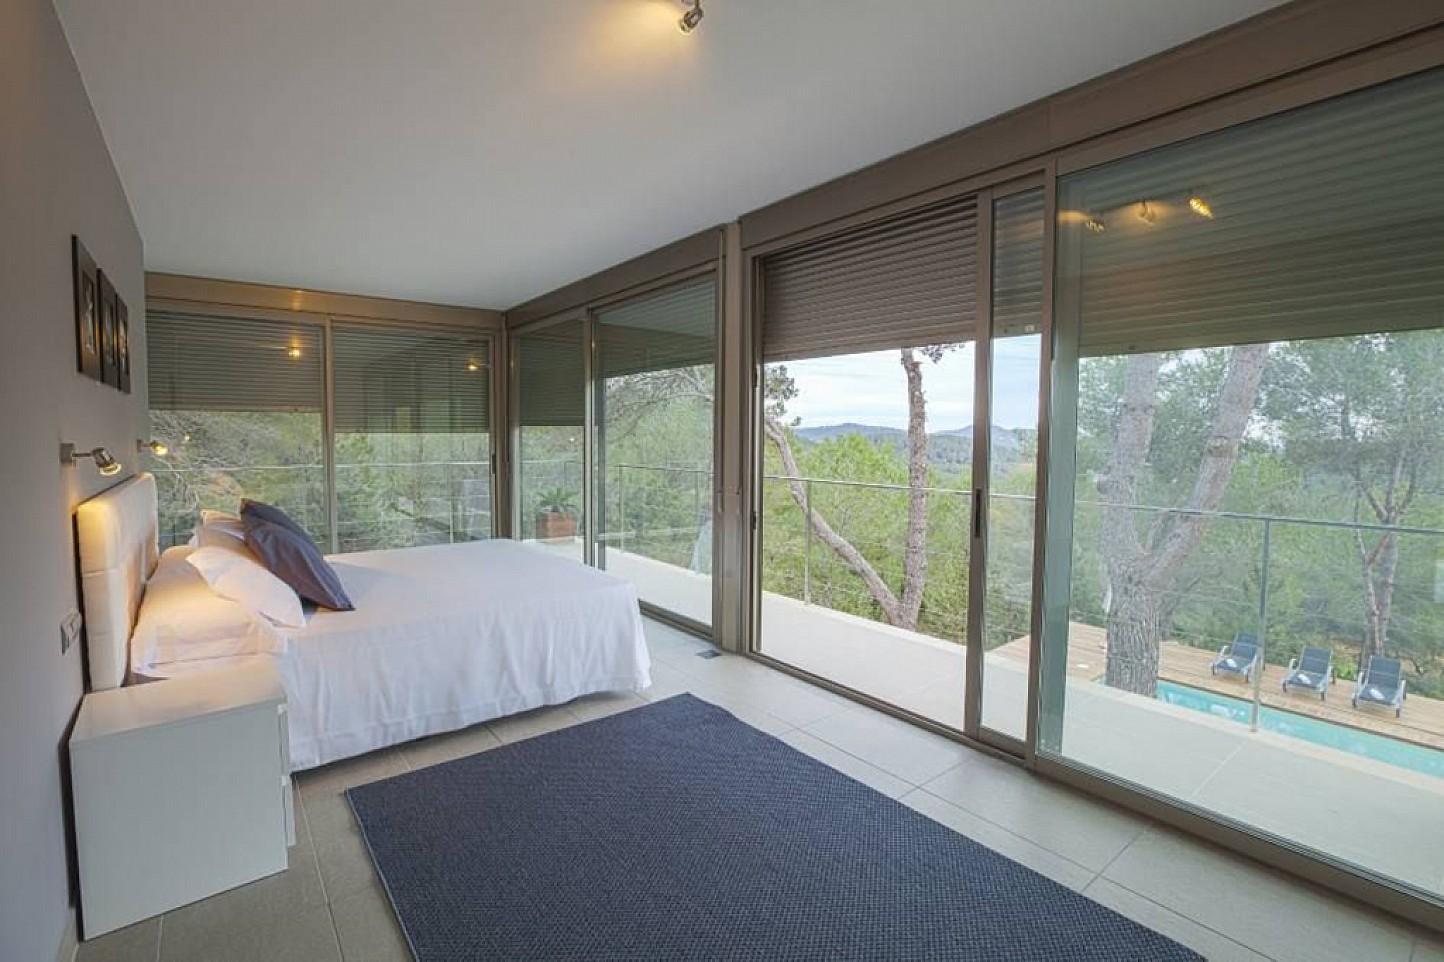 Gran dormitori amb finestrals